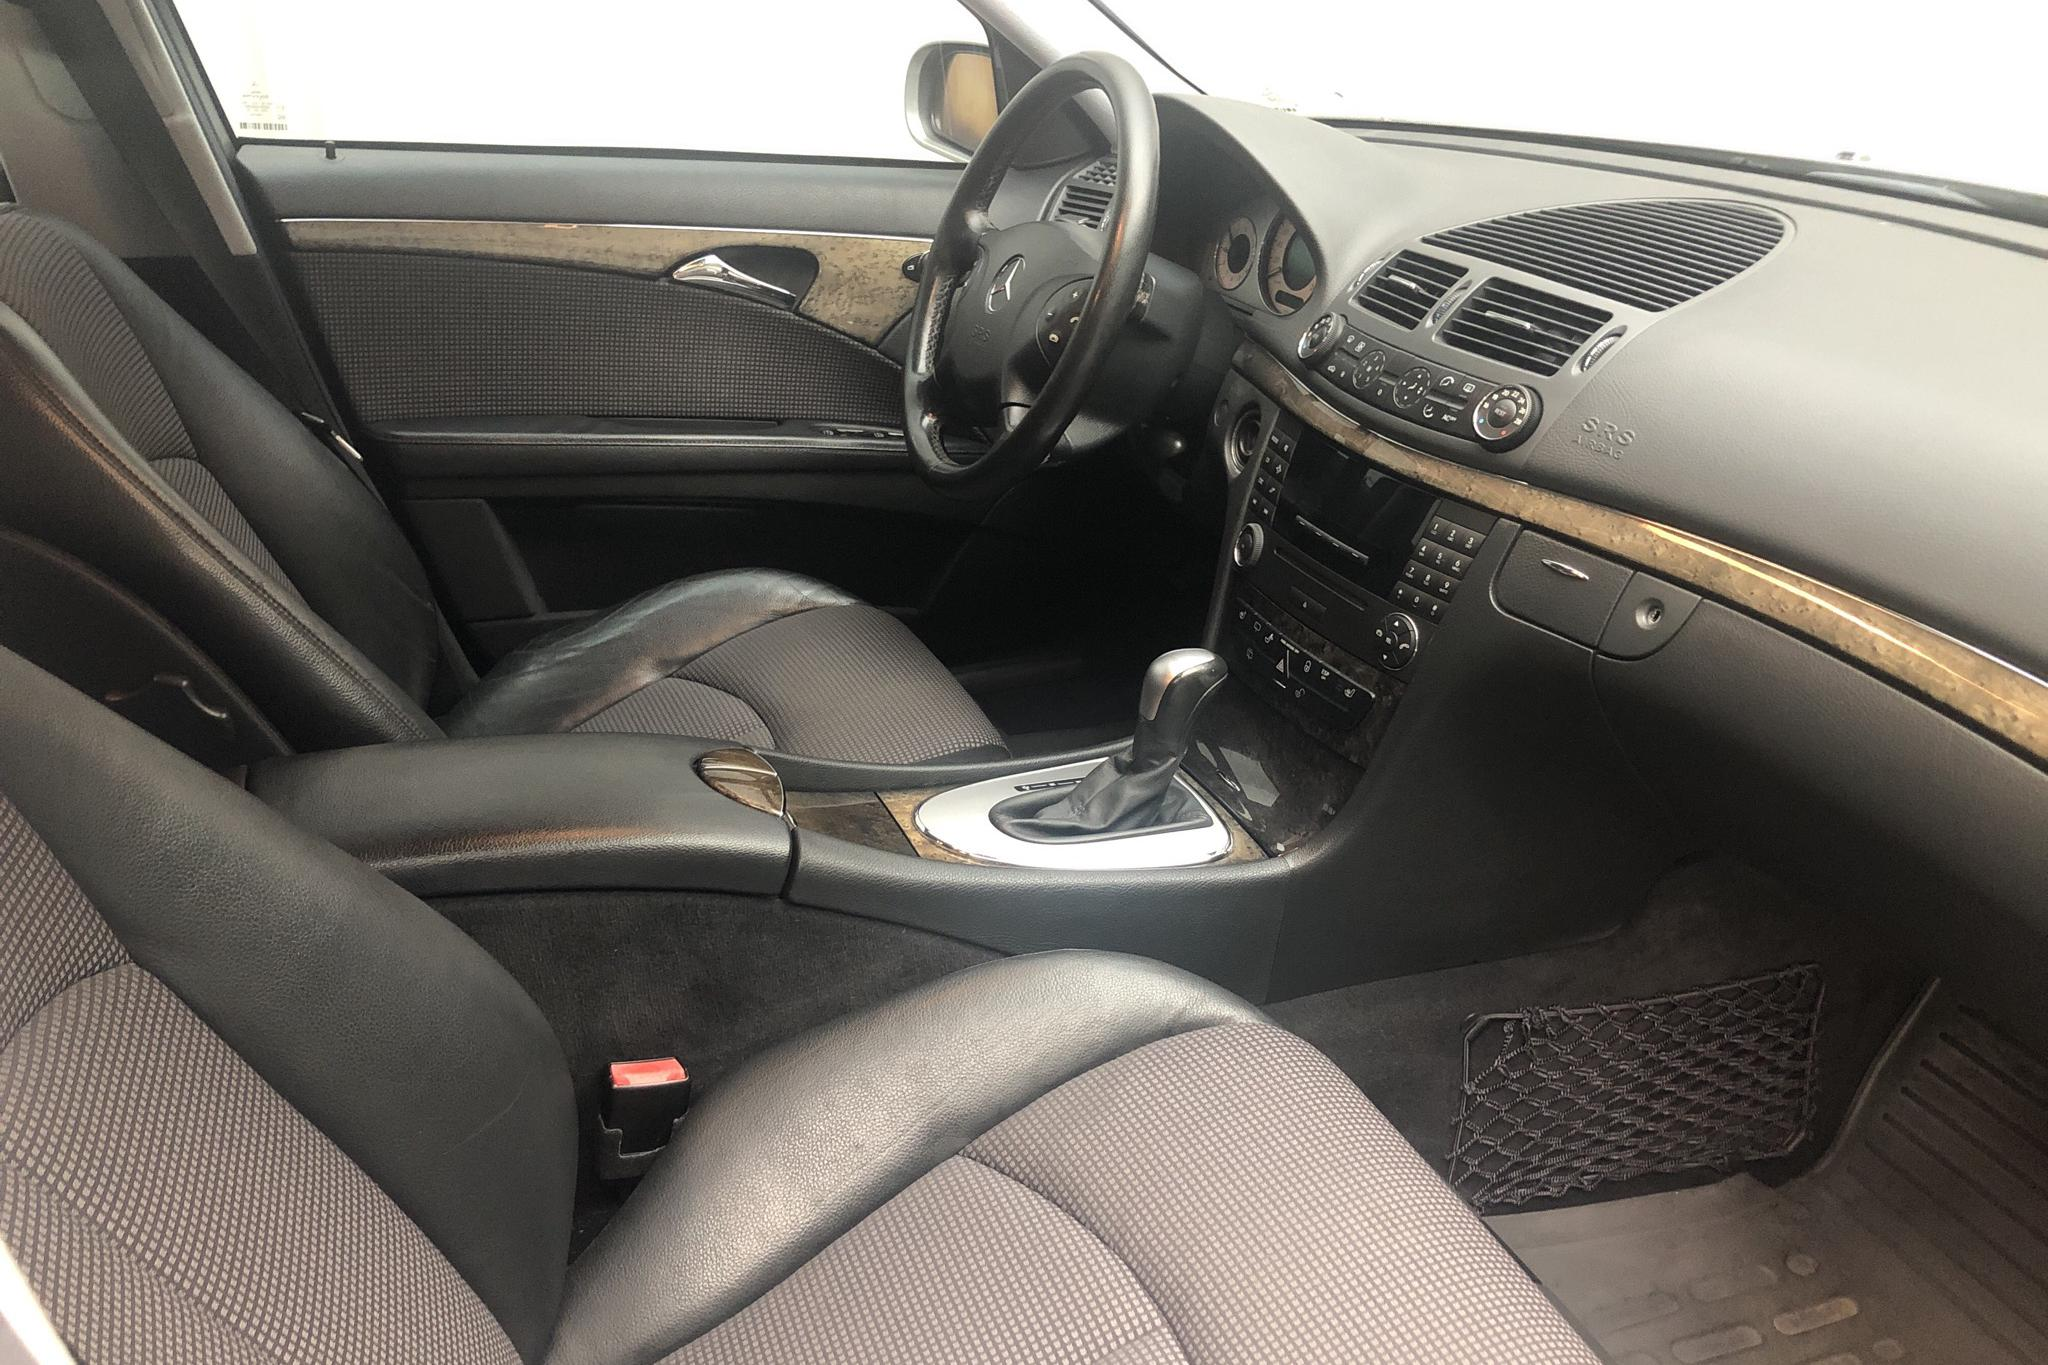 Mercedes E 320 Kombi W211 (224hk) - 271 480 km - Automatic - silver - 2004